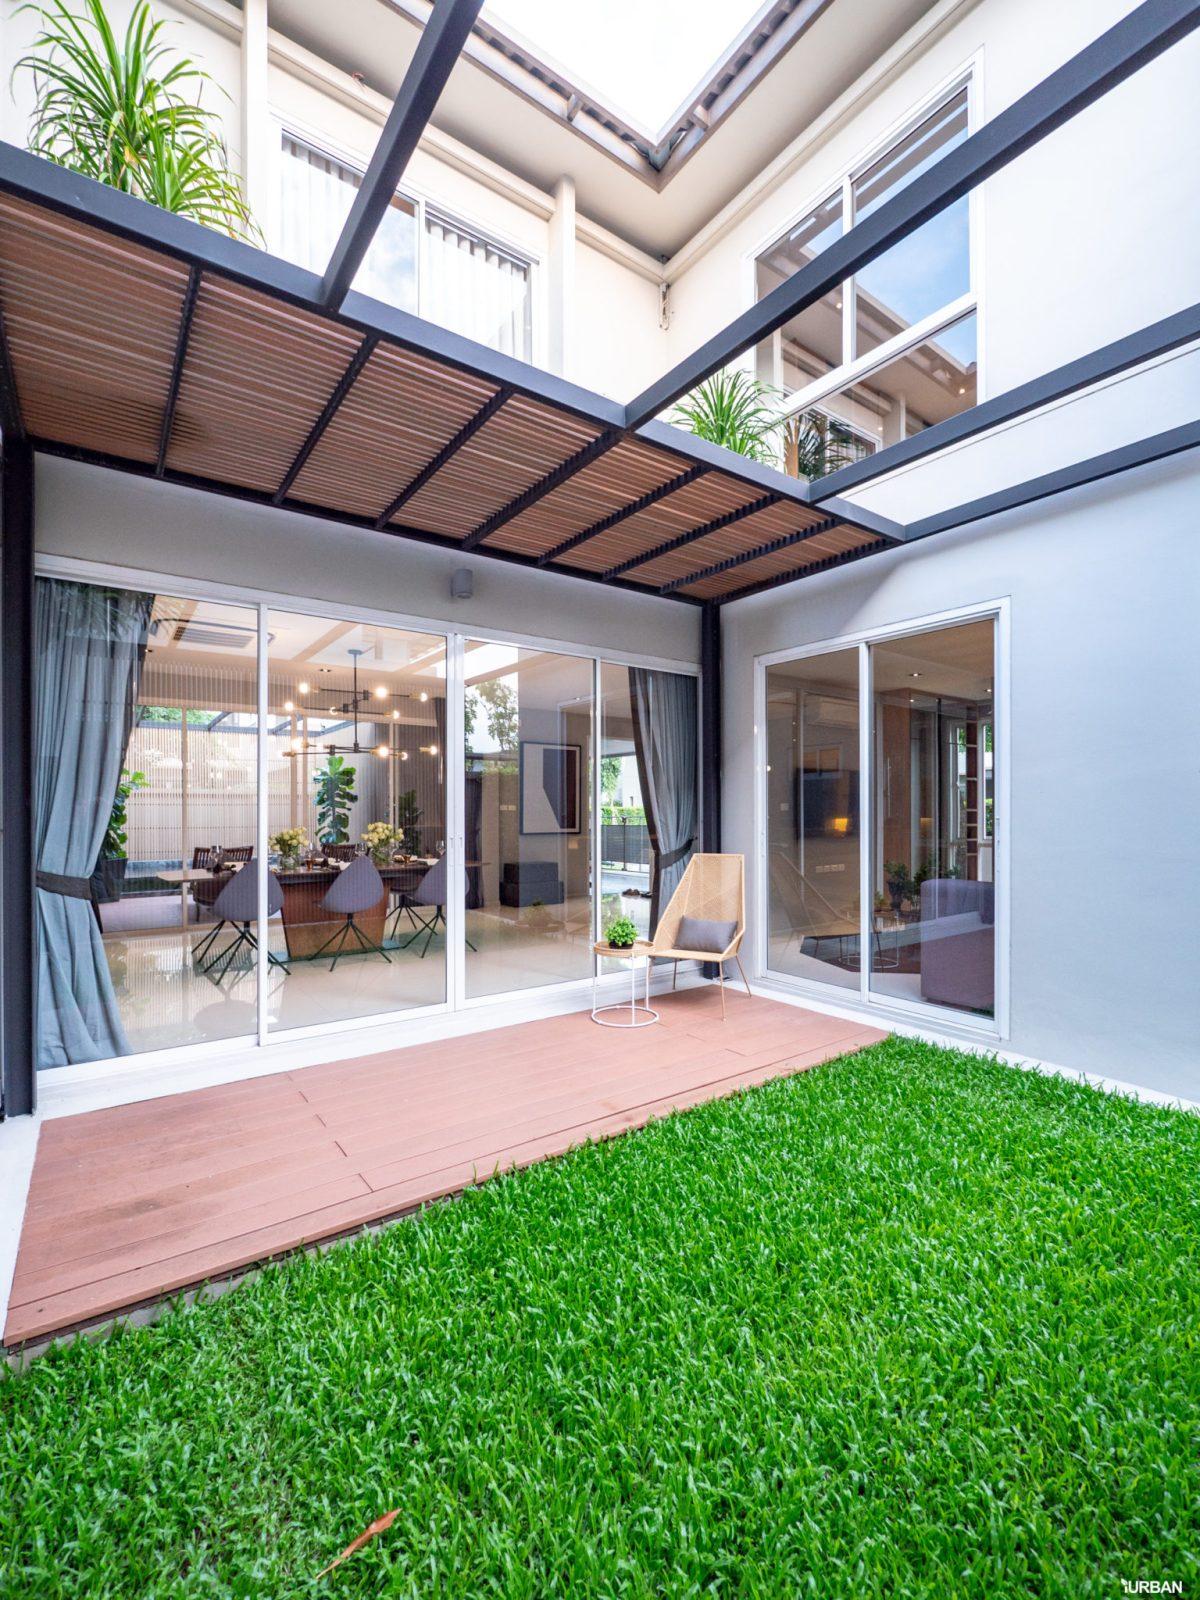 รีวิว บารานี พาร์ค ศรีนครินทร์-ร่มเกล้า บ้านสไตล์ Courtyard House ของไทยที่ได้รางวัลสถาปัตยกรรม 151 - Baranee Park